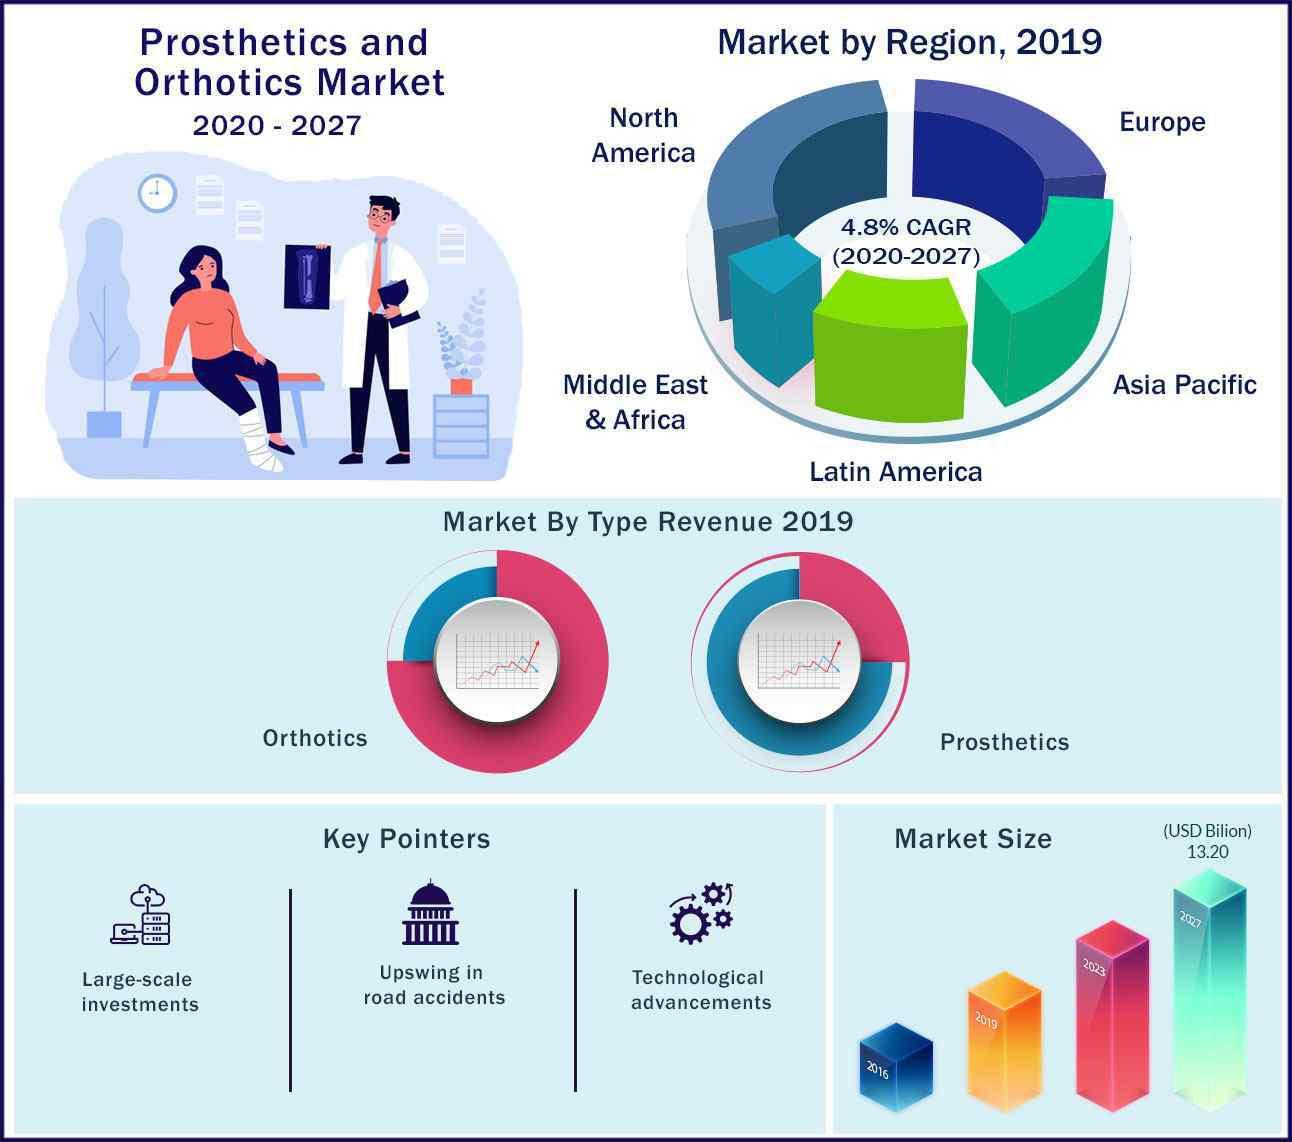 Global Prosthetics and Orthotics Market 2020 to 2027